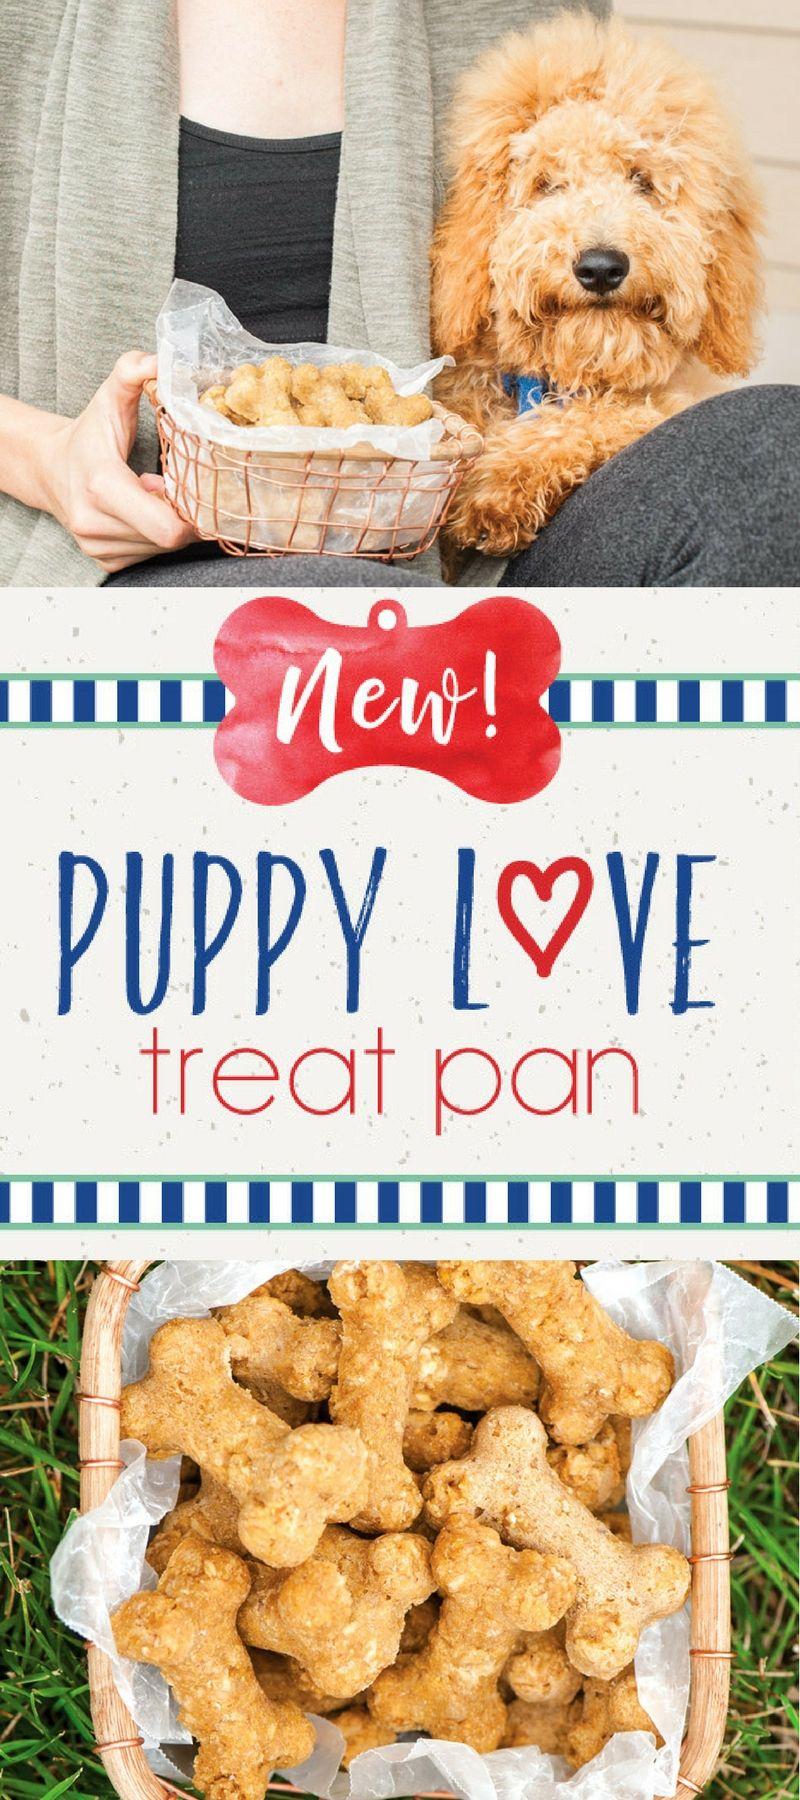 Puppy Love Treat Pan Dog Treats Grain Free Dog Snacks Homemade